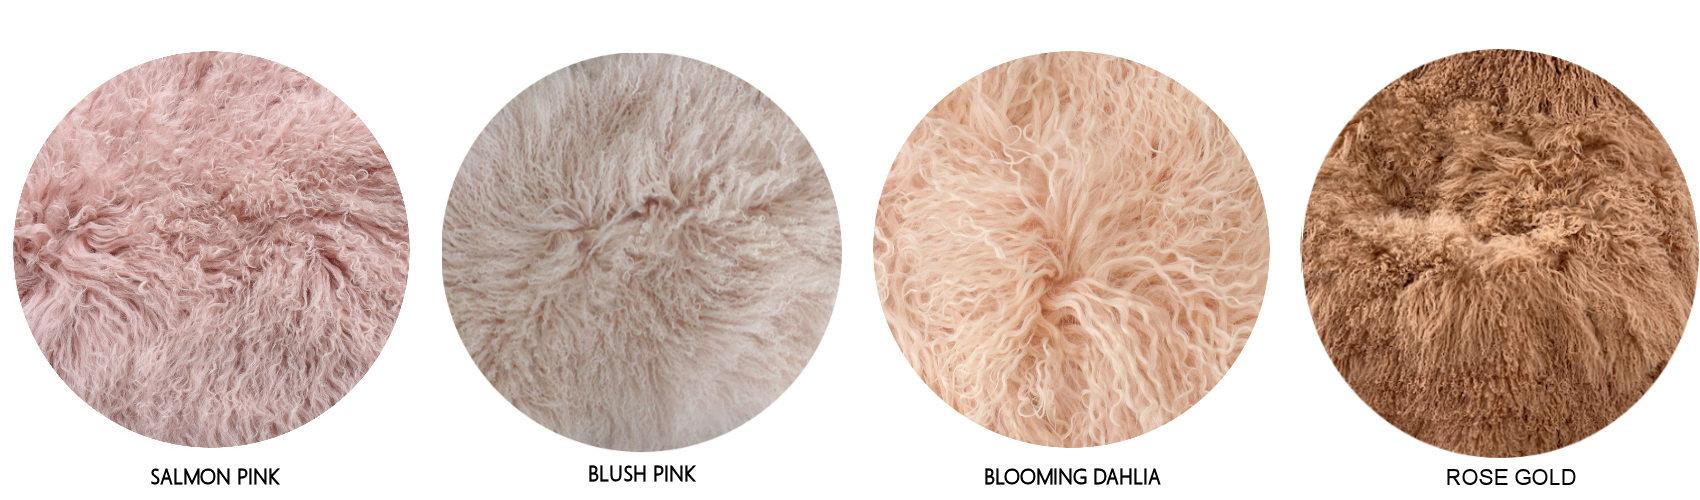 mongolian-sheepskin-pink-colour-chart